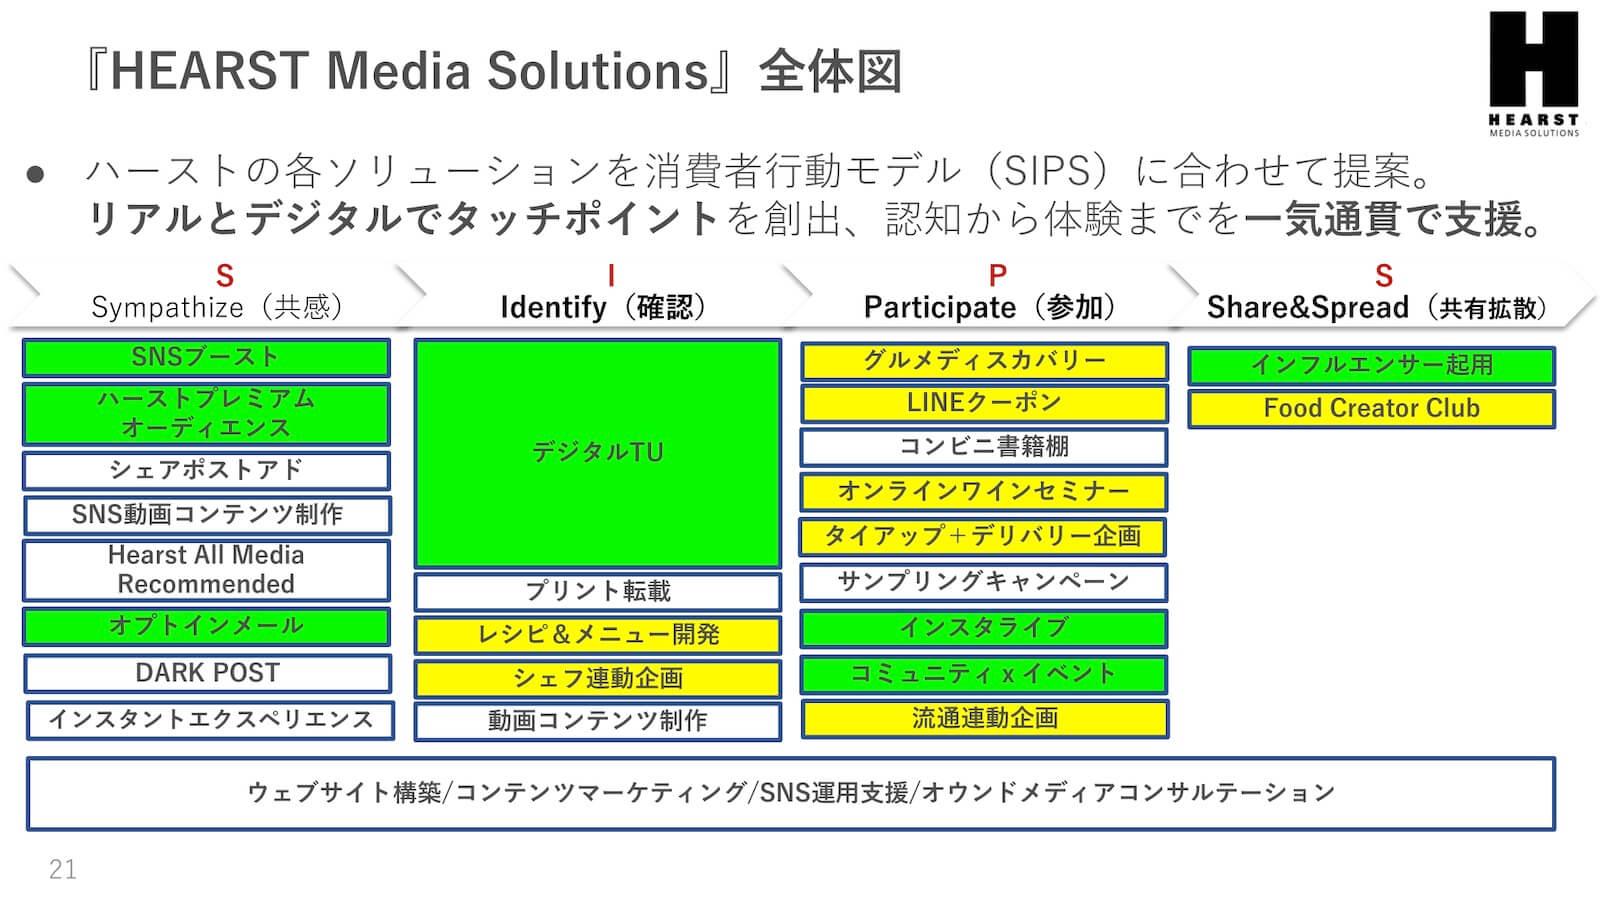 『HEARST Media Solutions』全体図